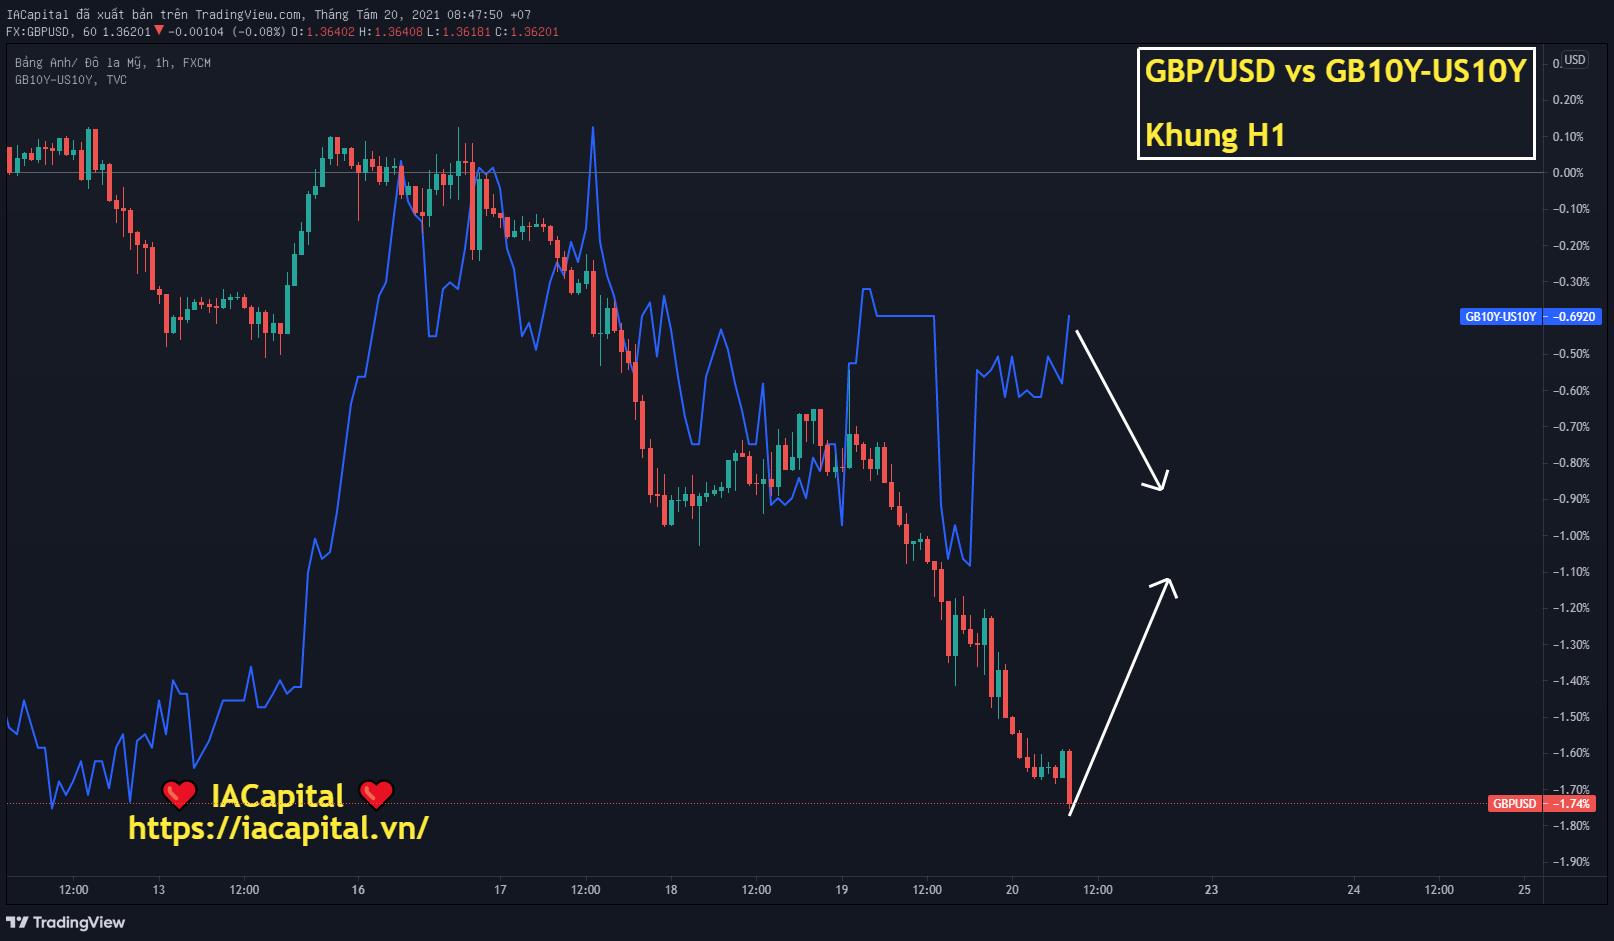 https://s3.tradingview.com/snapshots/l/l5L3AroF.png